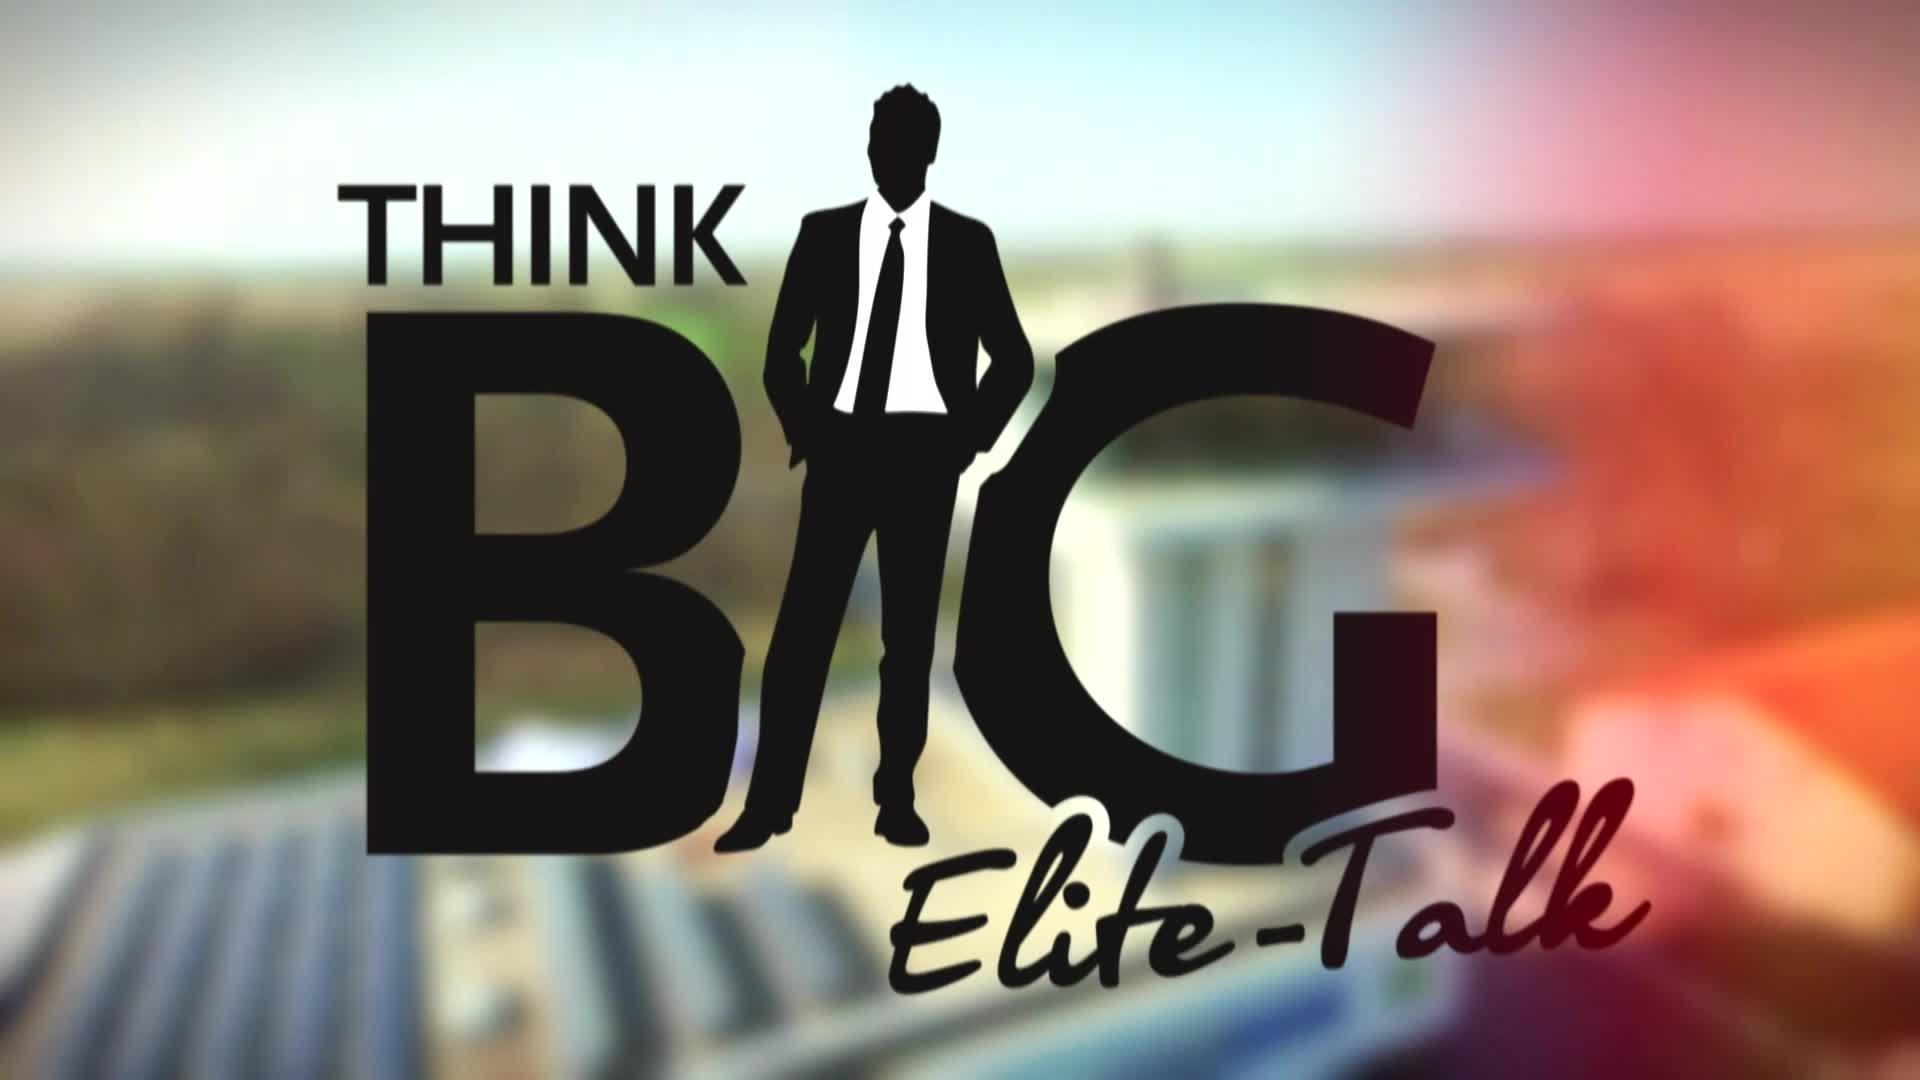 Think BIG - Teaser Duarte Saldanha